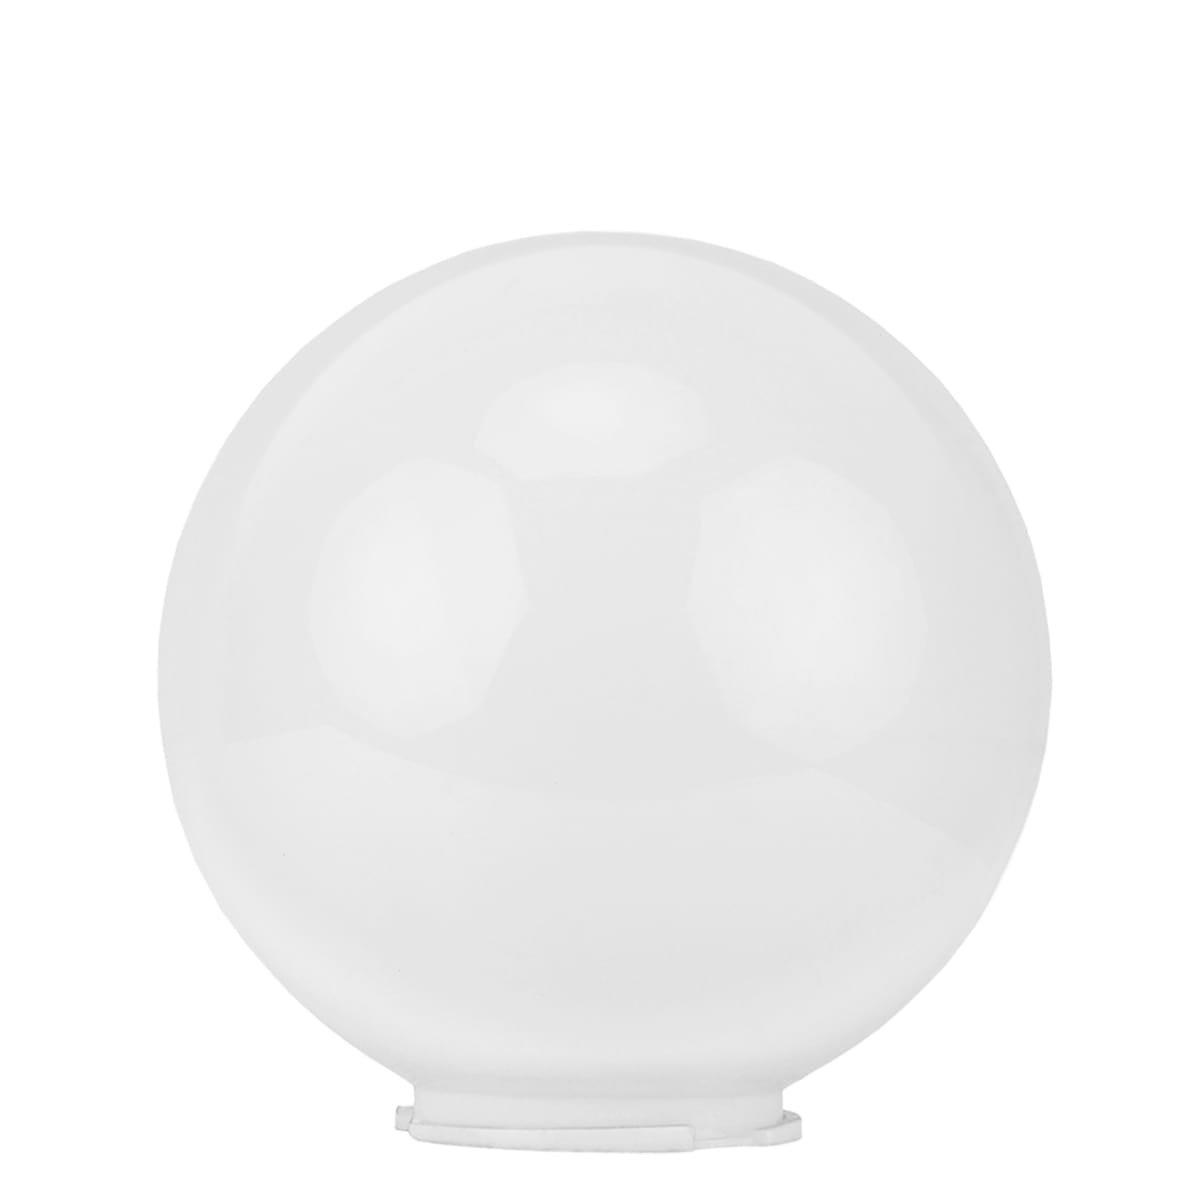 Buitenverlichting Onderdelen Losse bol buitenlamp opaalglas - Ø 25 cm